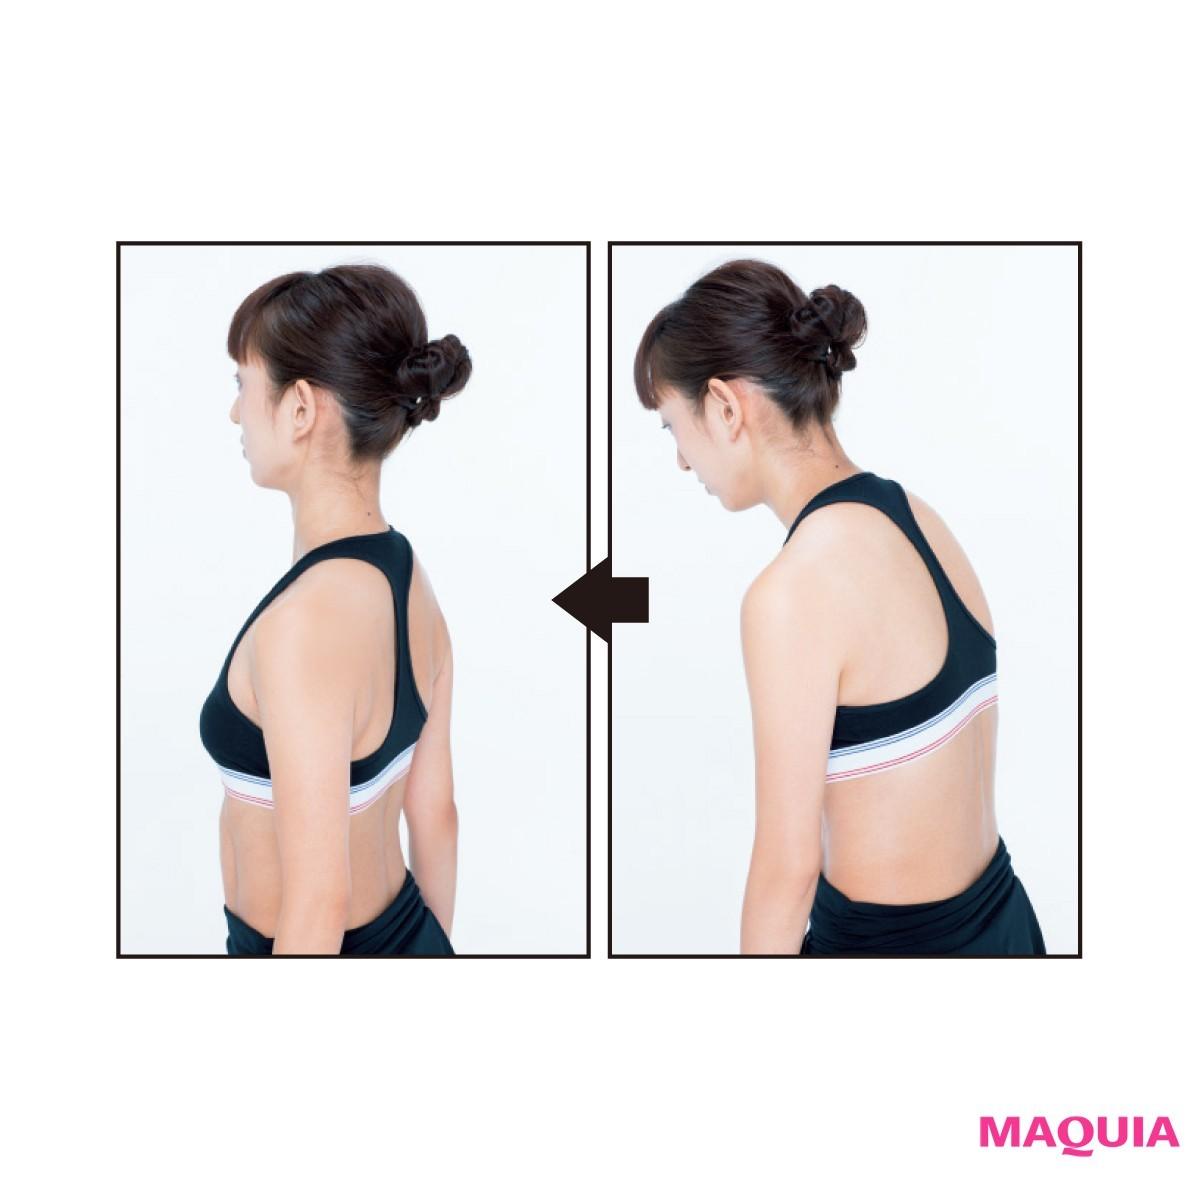 肩コリ解消も痩せも、しなやかな肩甲骨がポイント